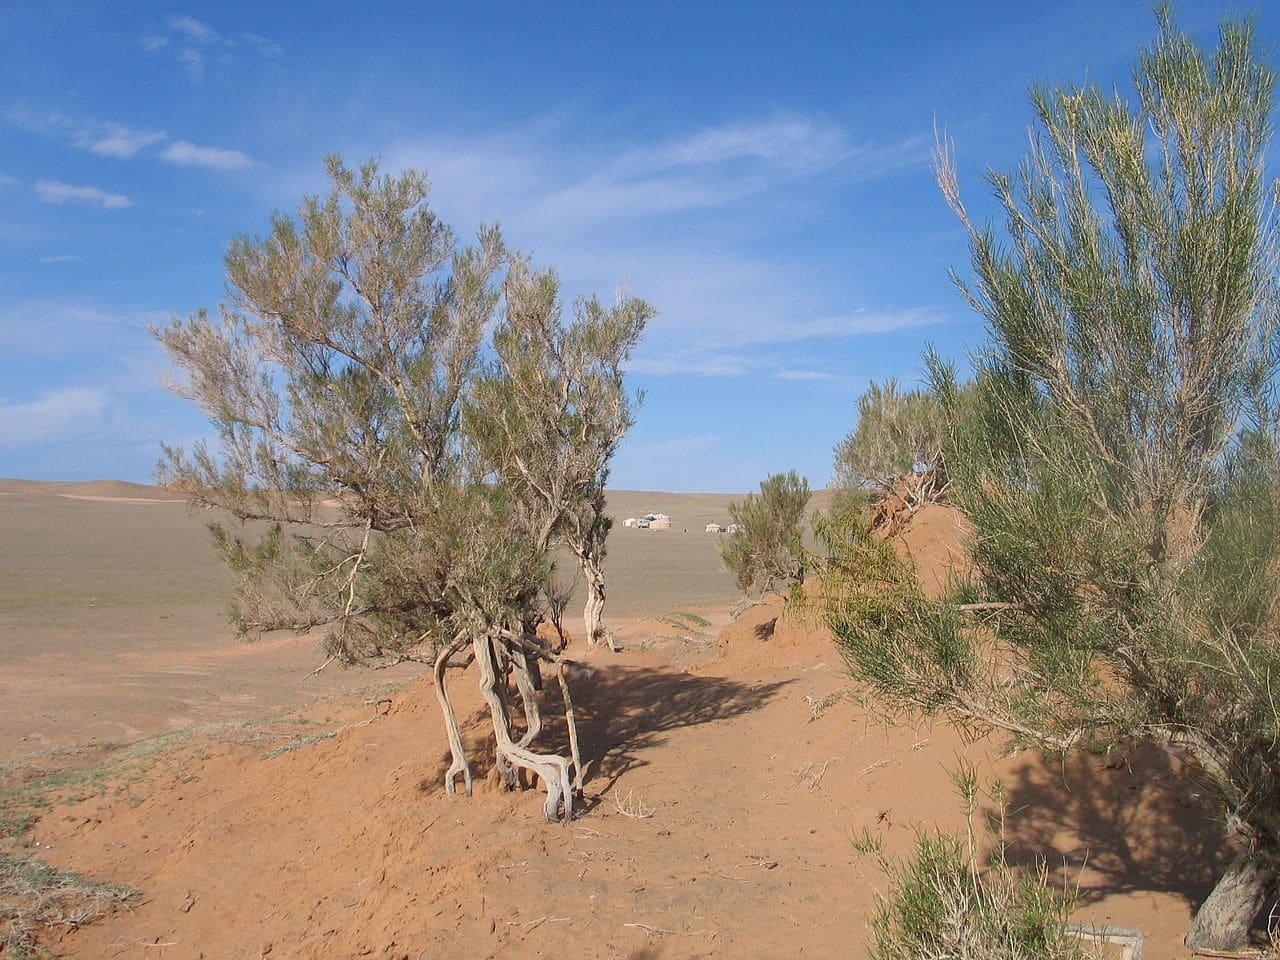 El saxaul es un árbol en peligro de extinción